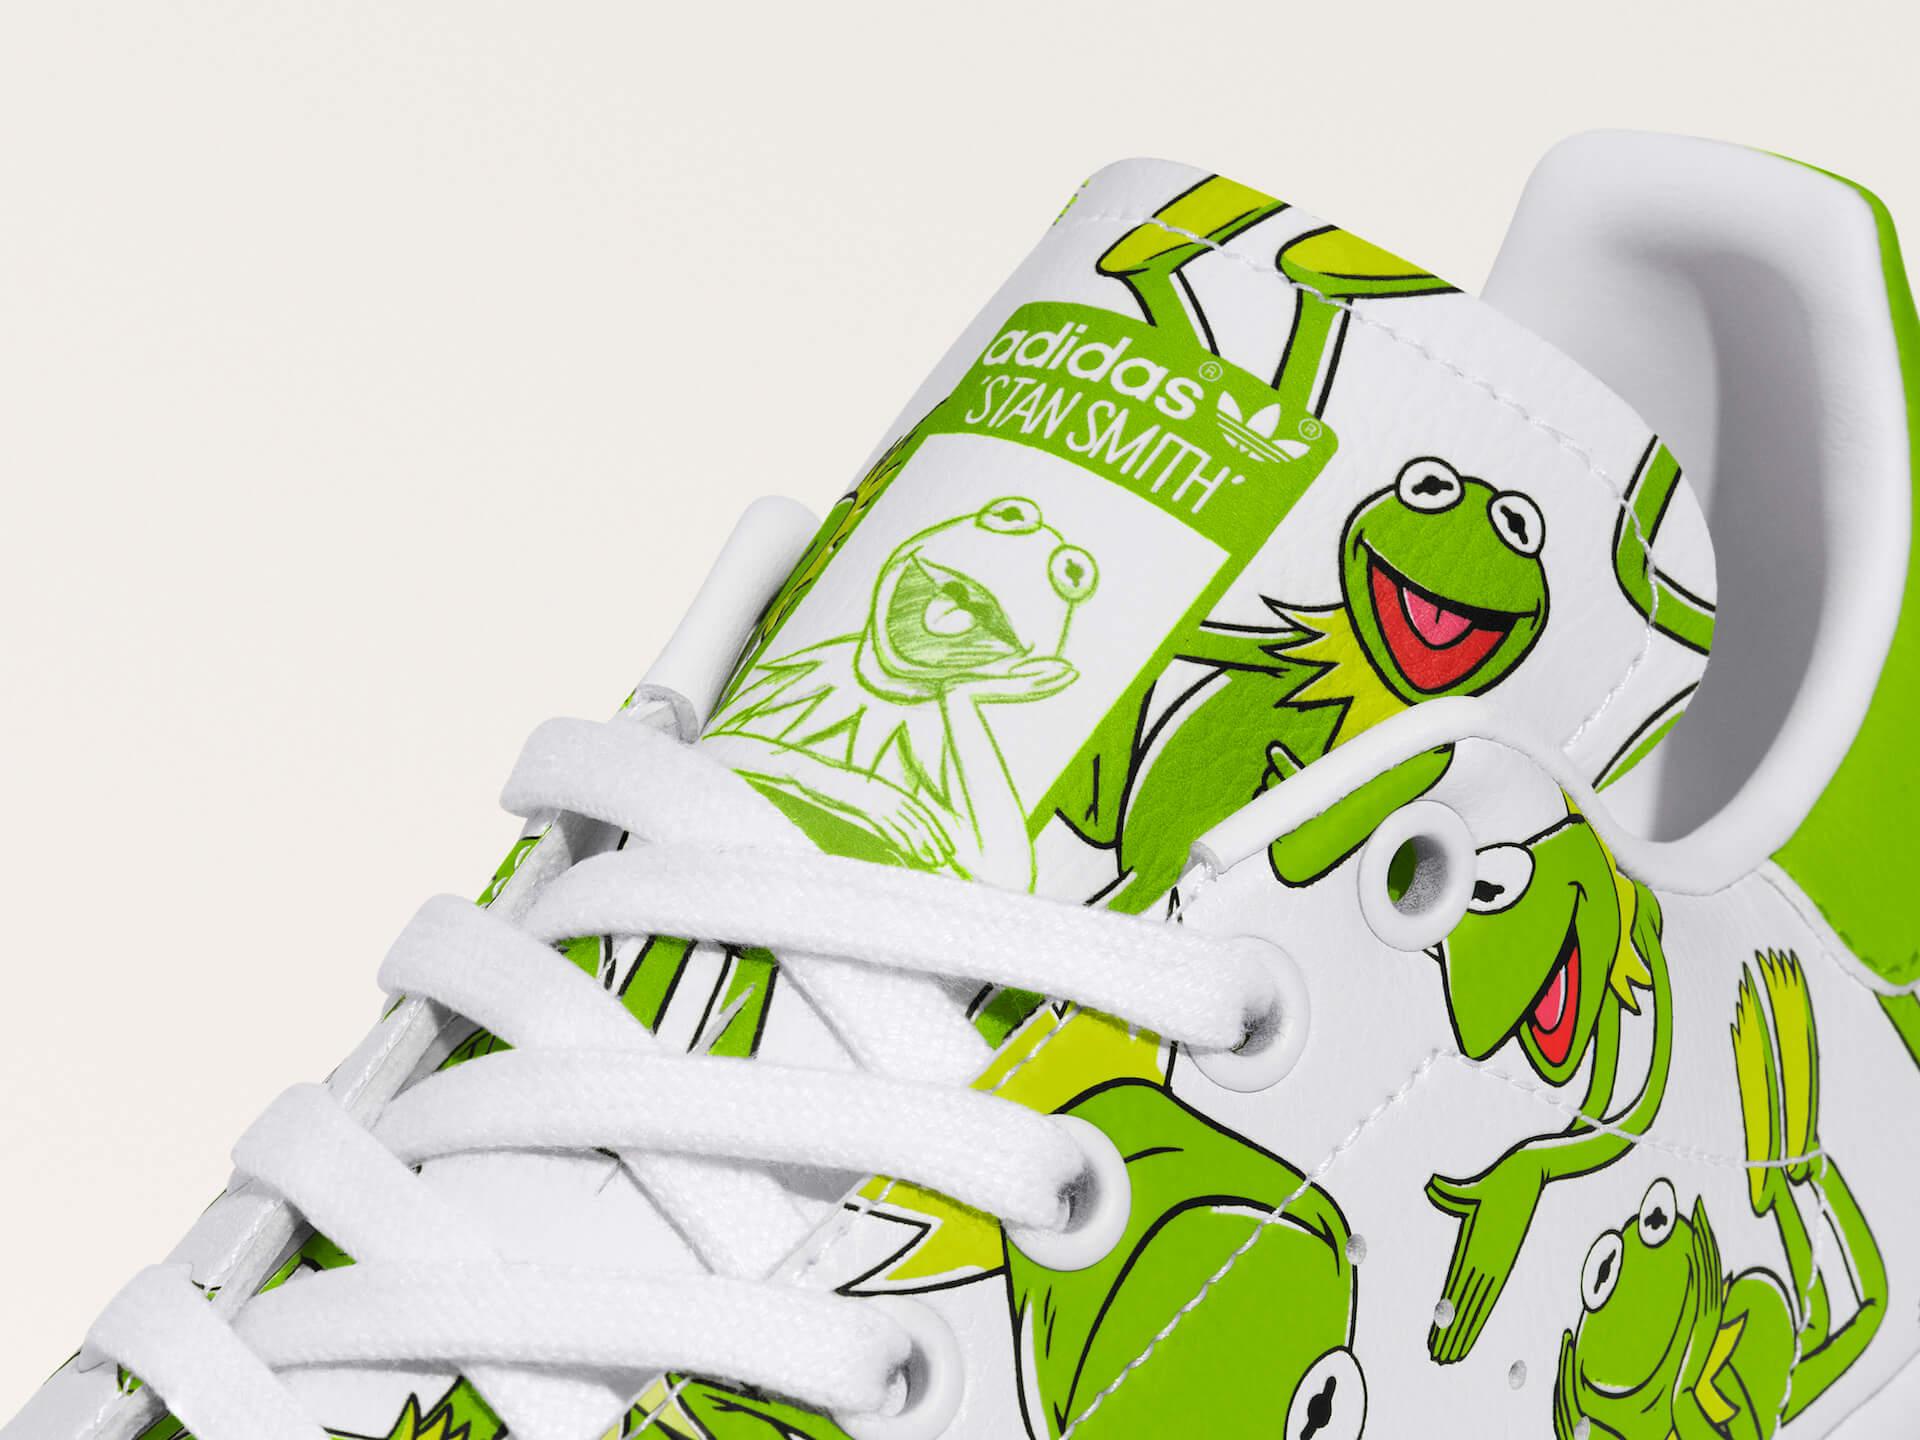 adidas「スタンスミス」のサステナブルコレクションに『モンスターズ・インク』マイク・ワゾウスキやマーベル・ハルクを配したモデルが登場! life210323_adidas_stansmith_13